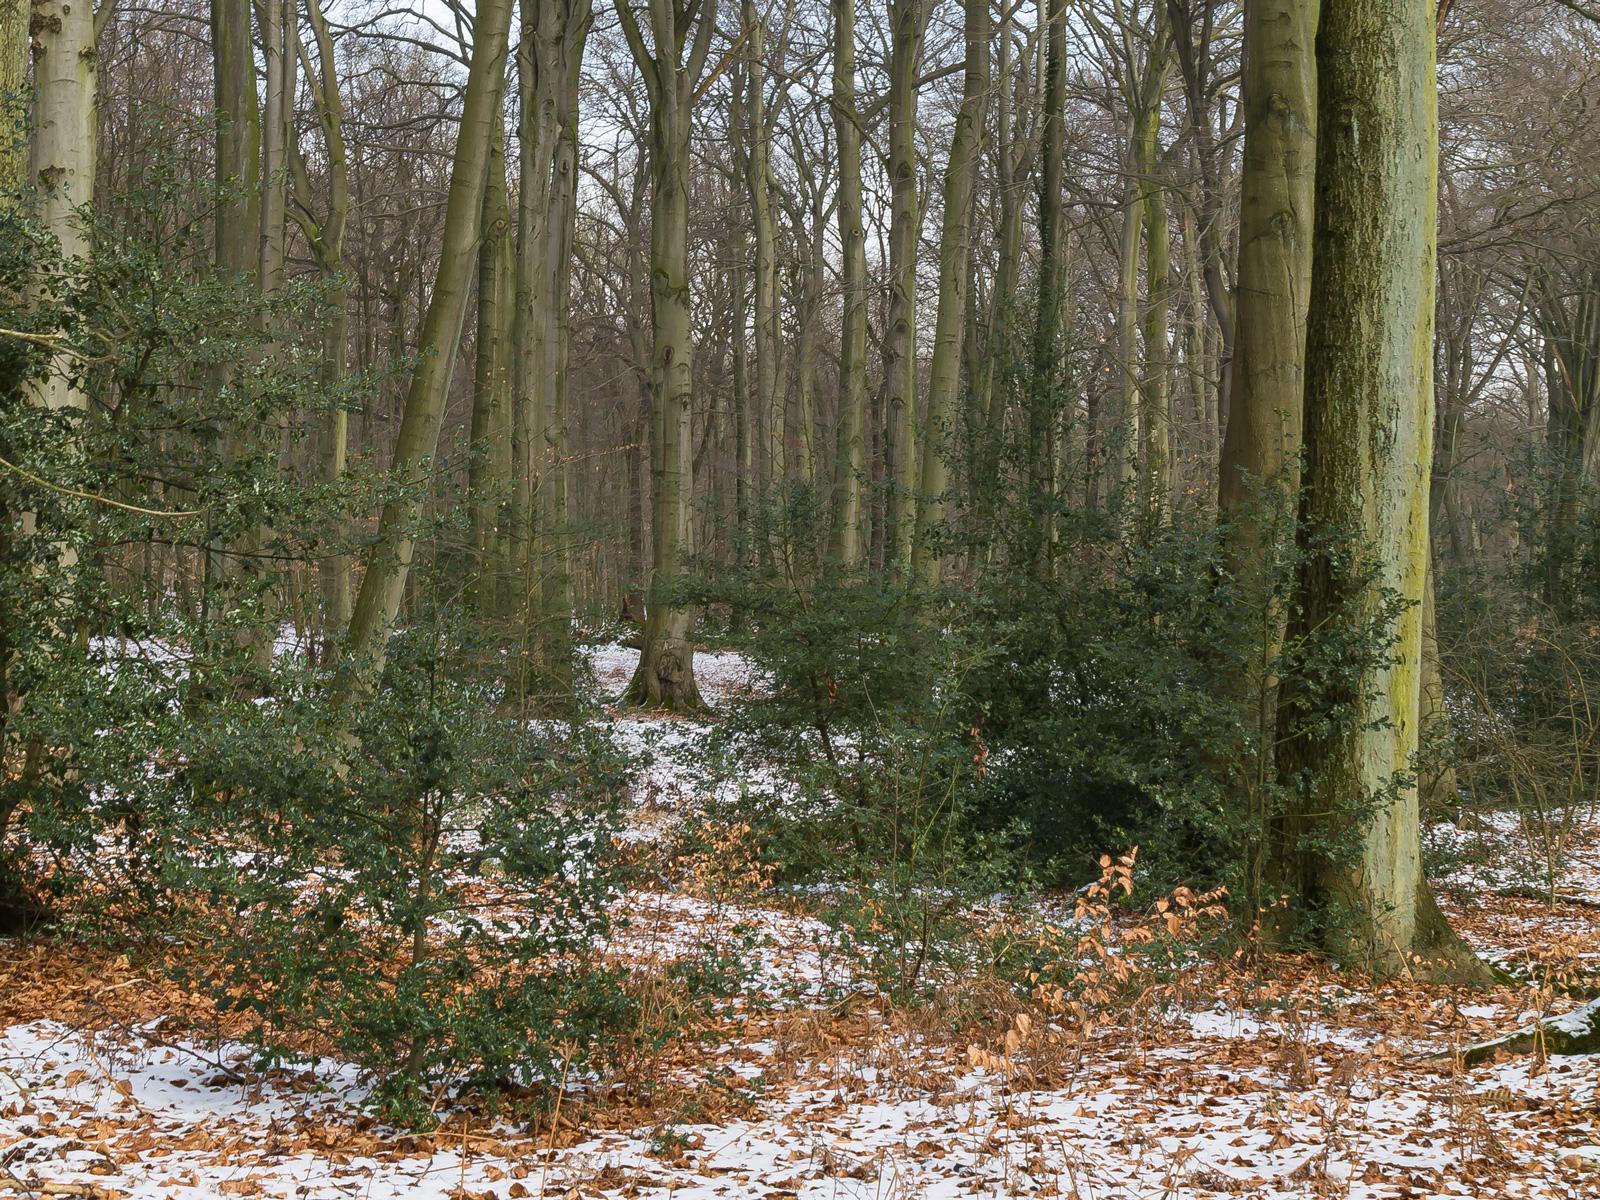 Stechpalmensträucher in der Naturwaldzelle